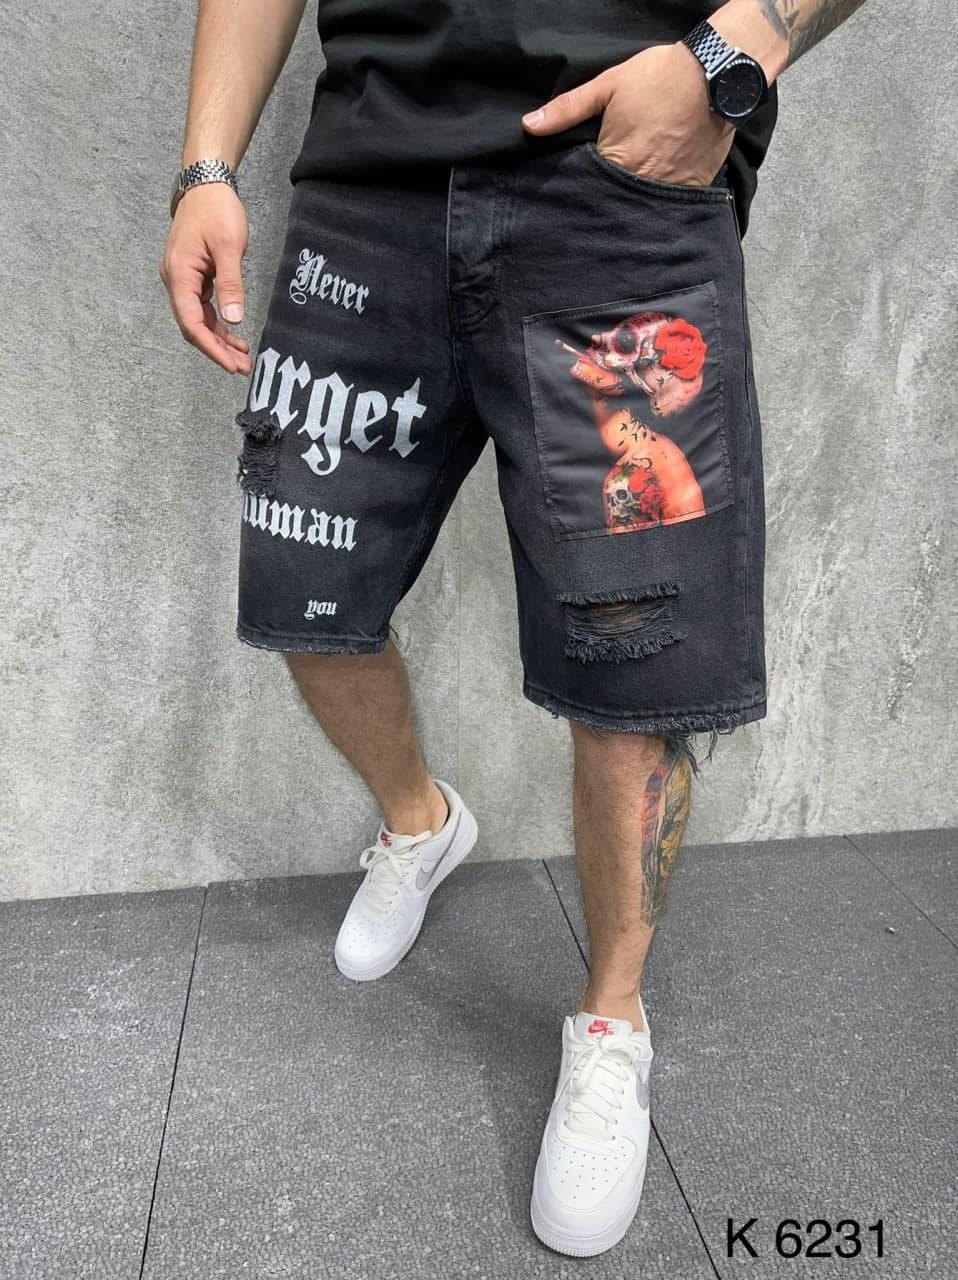 Чоловічі джинсові шорти чорного кольору з принтом